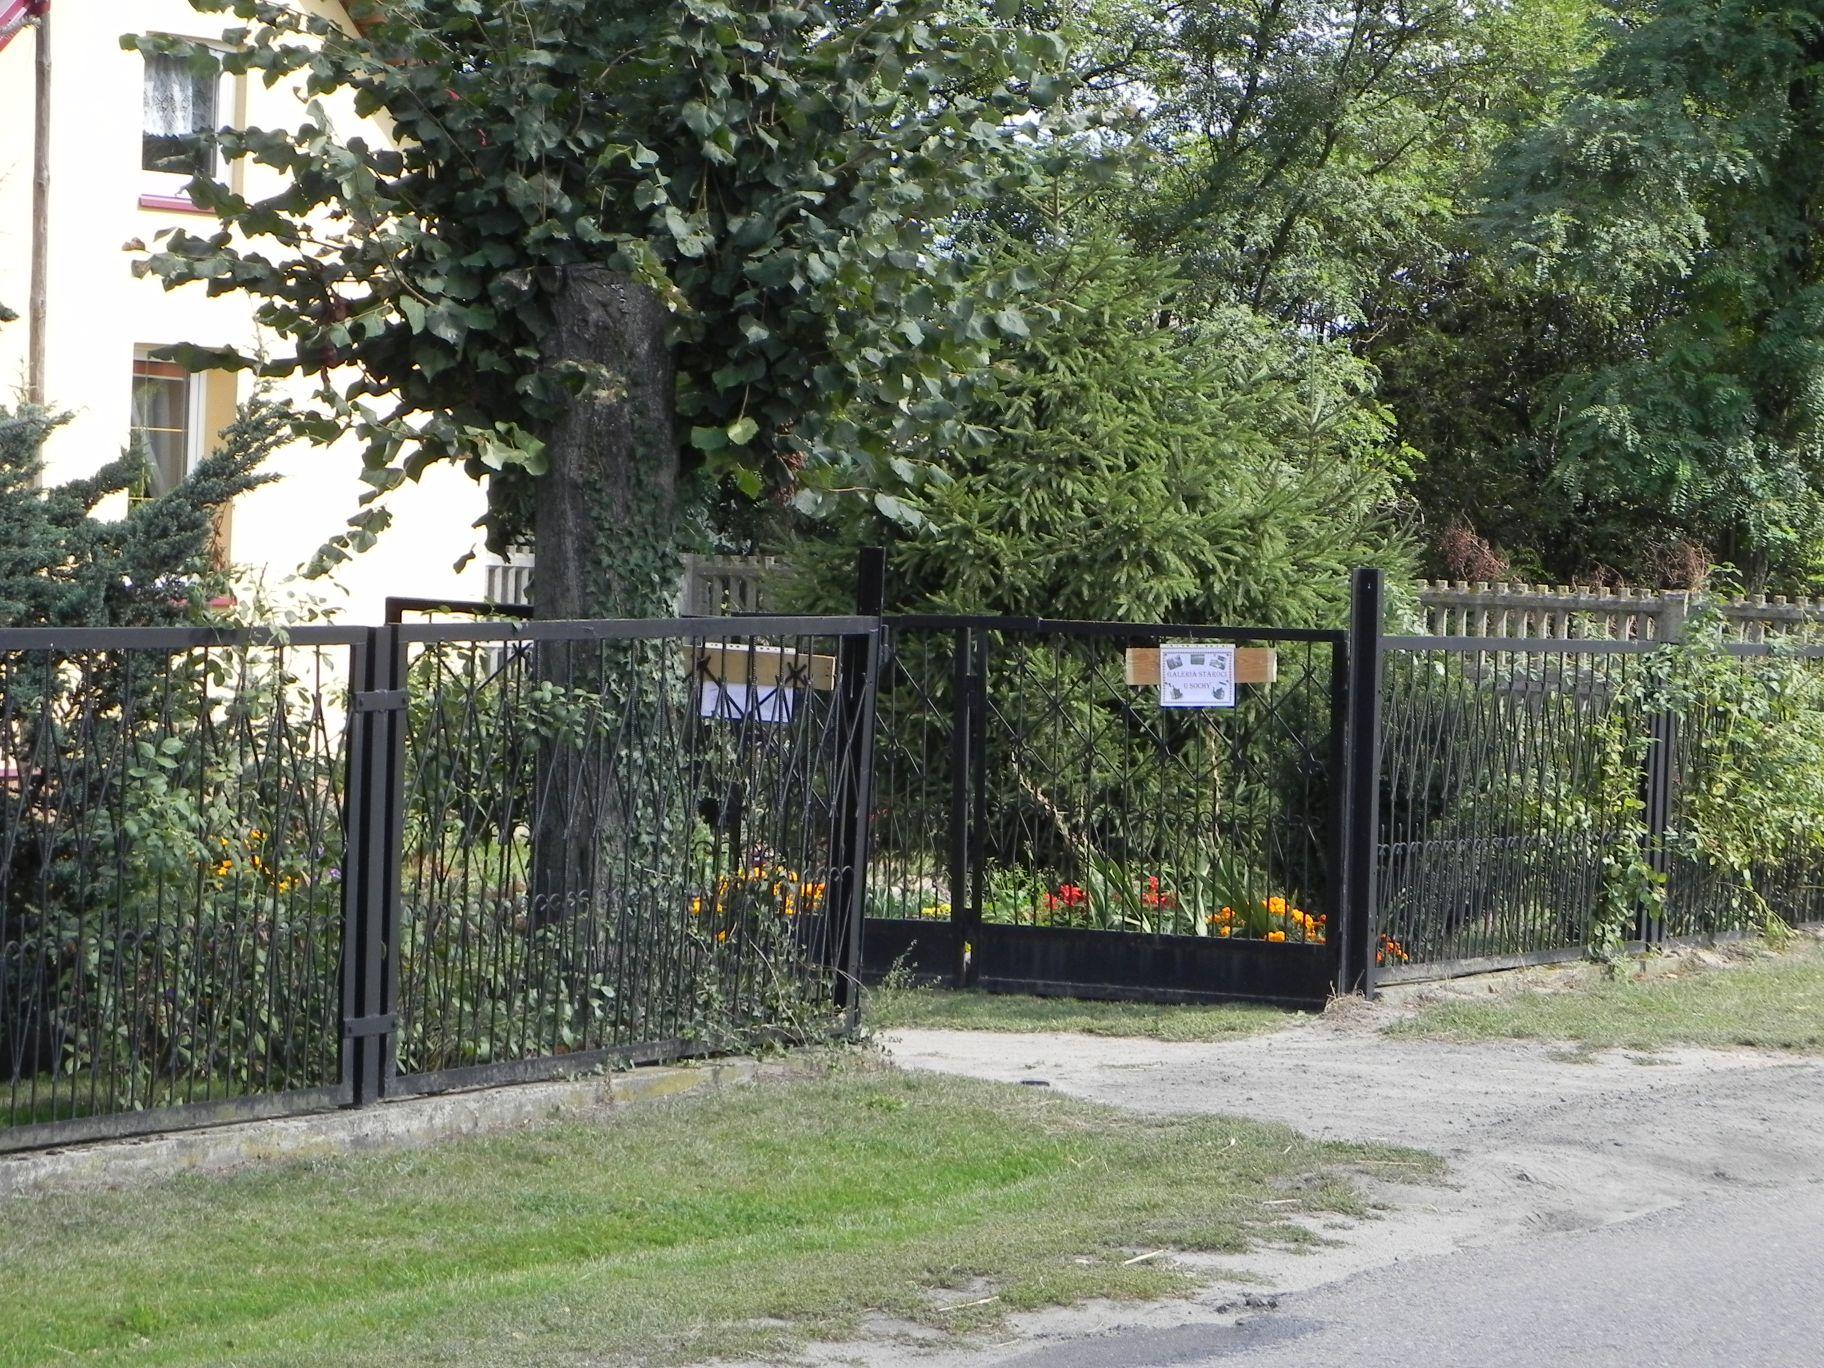 2012-09-09 Sierzchowy - dożynki (58)